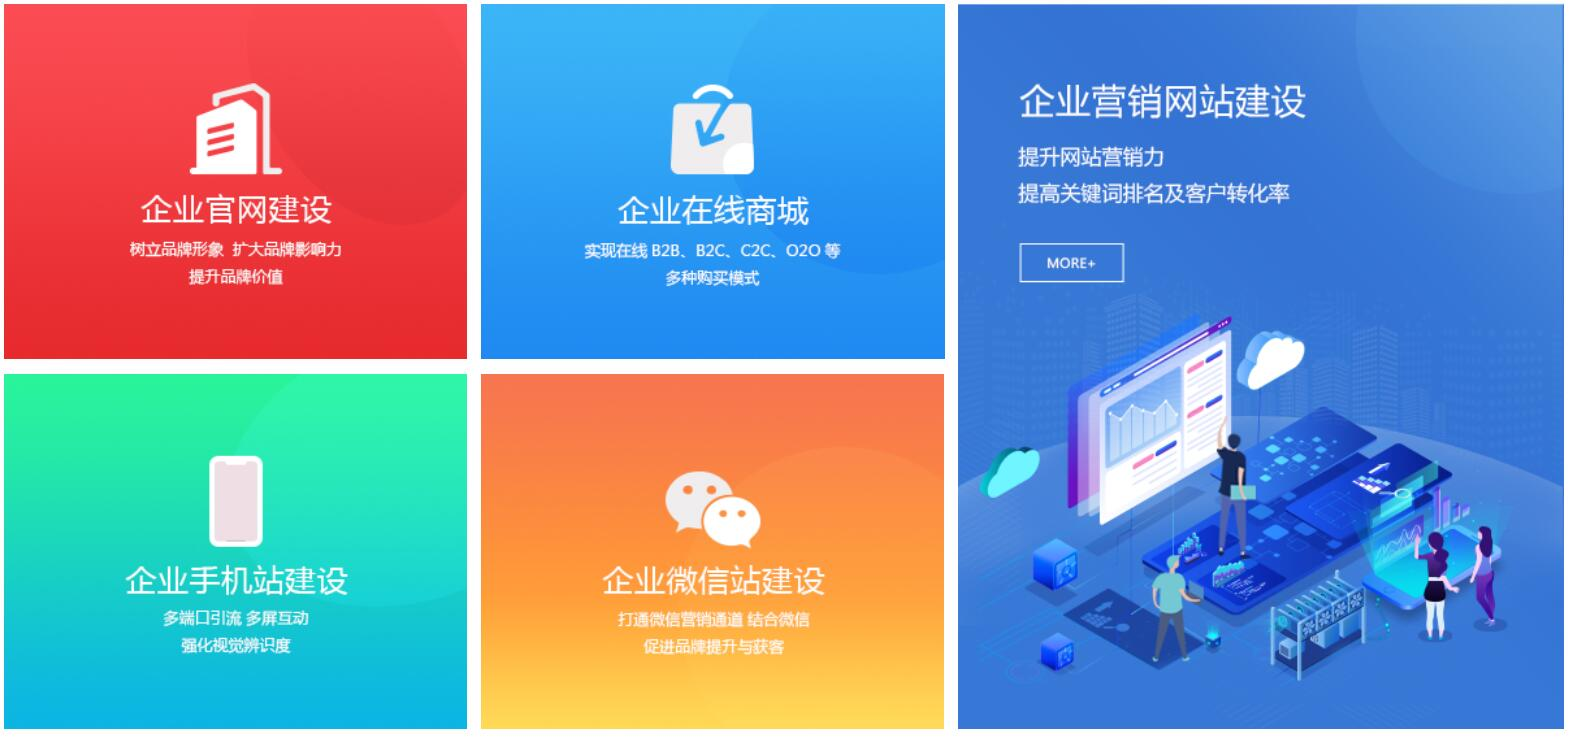 如何选择一个好的内蒙古网站制作公司?